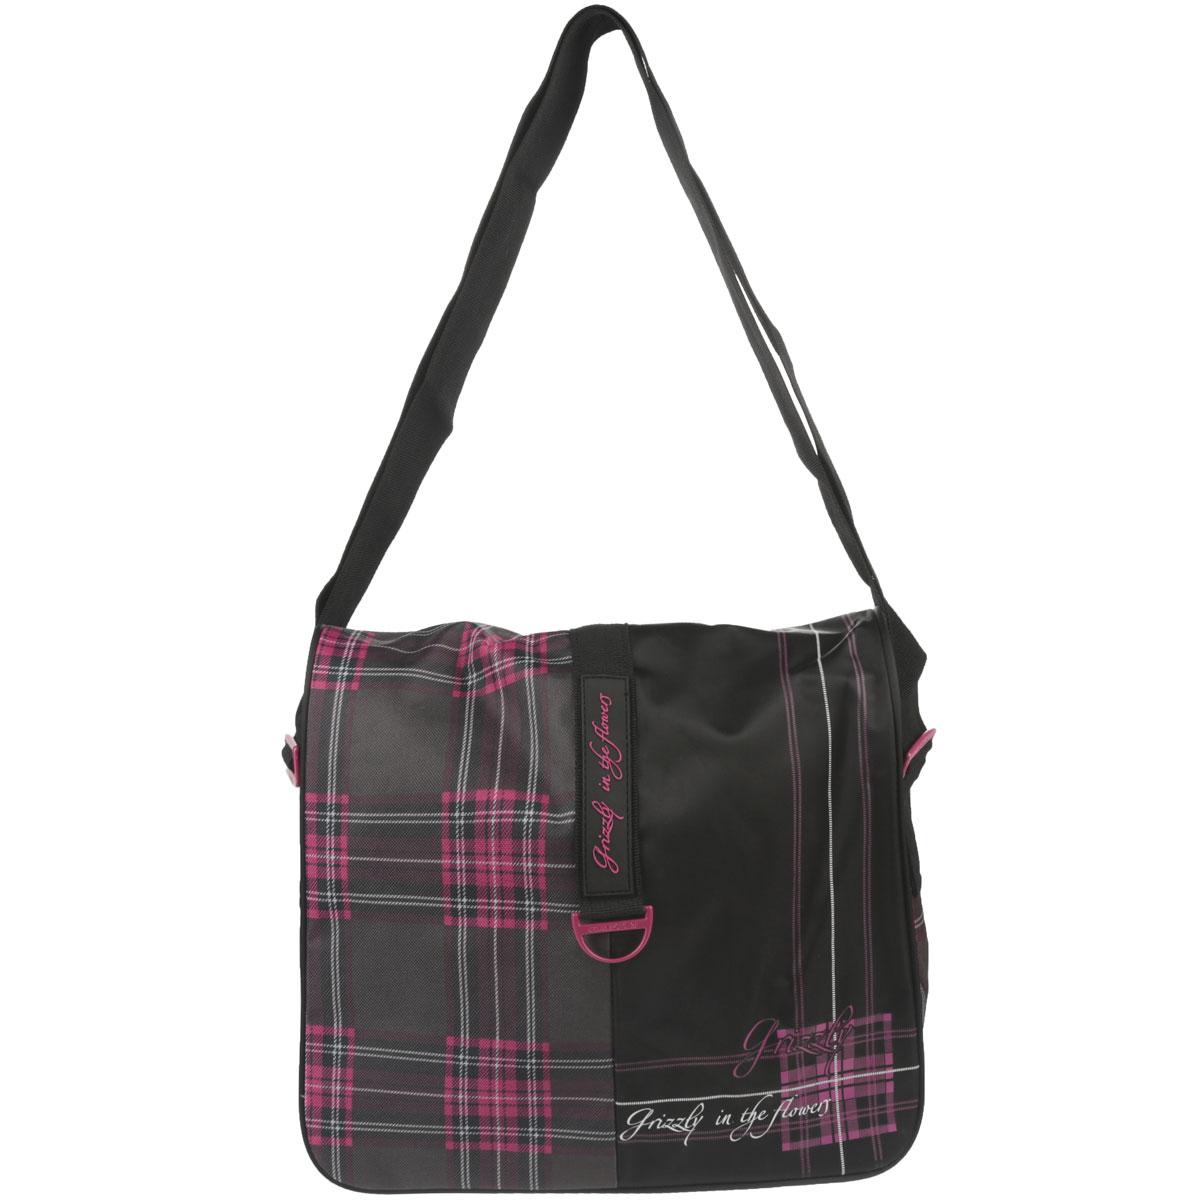 Сумка молодежная Grizzly Purple cross, цвет: черный, розовый. MD-521-272523WDМолодежная сумка с двумя отделениями на молнии и закрывающаяся клапаном на липучки, со сложной передней стенкой с множеством карманов и пеналом, с внутренним карманом на молнии, с регулируемым ремнем.